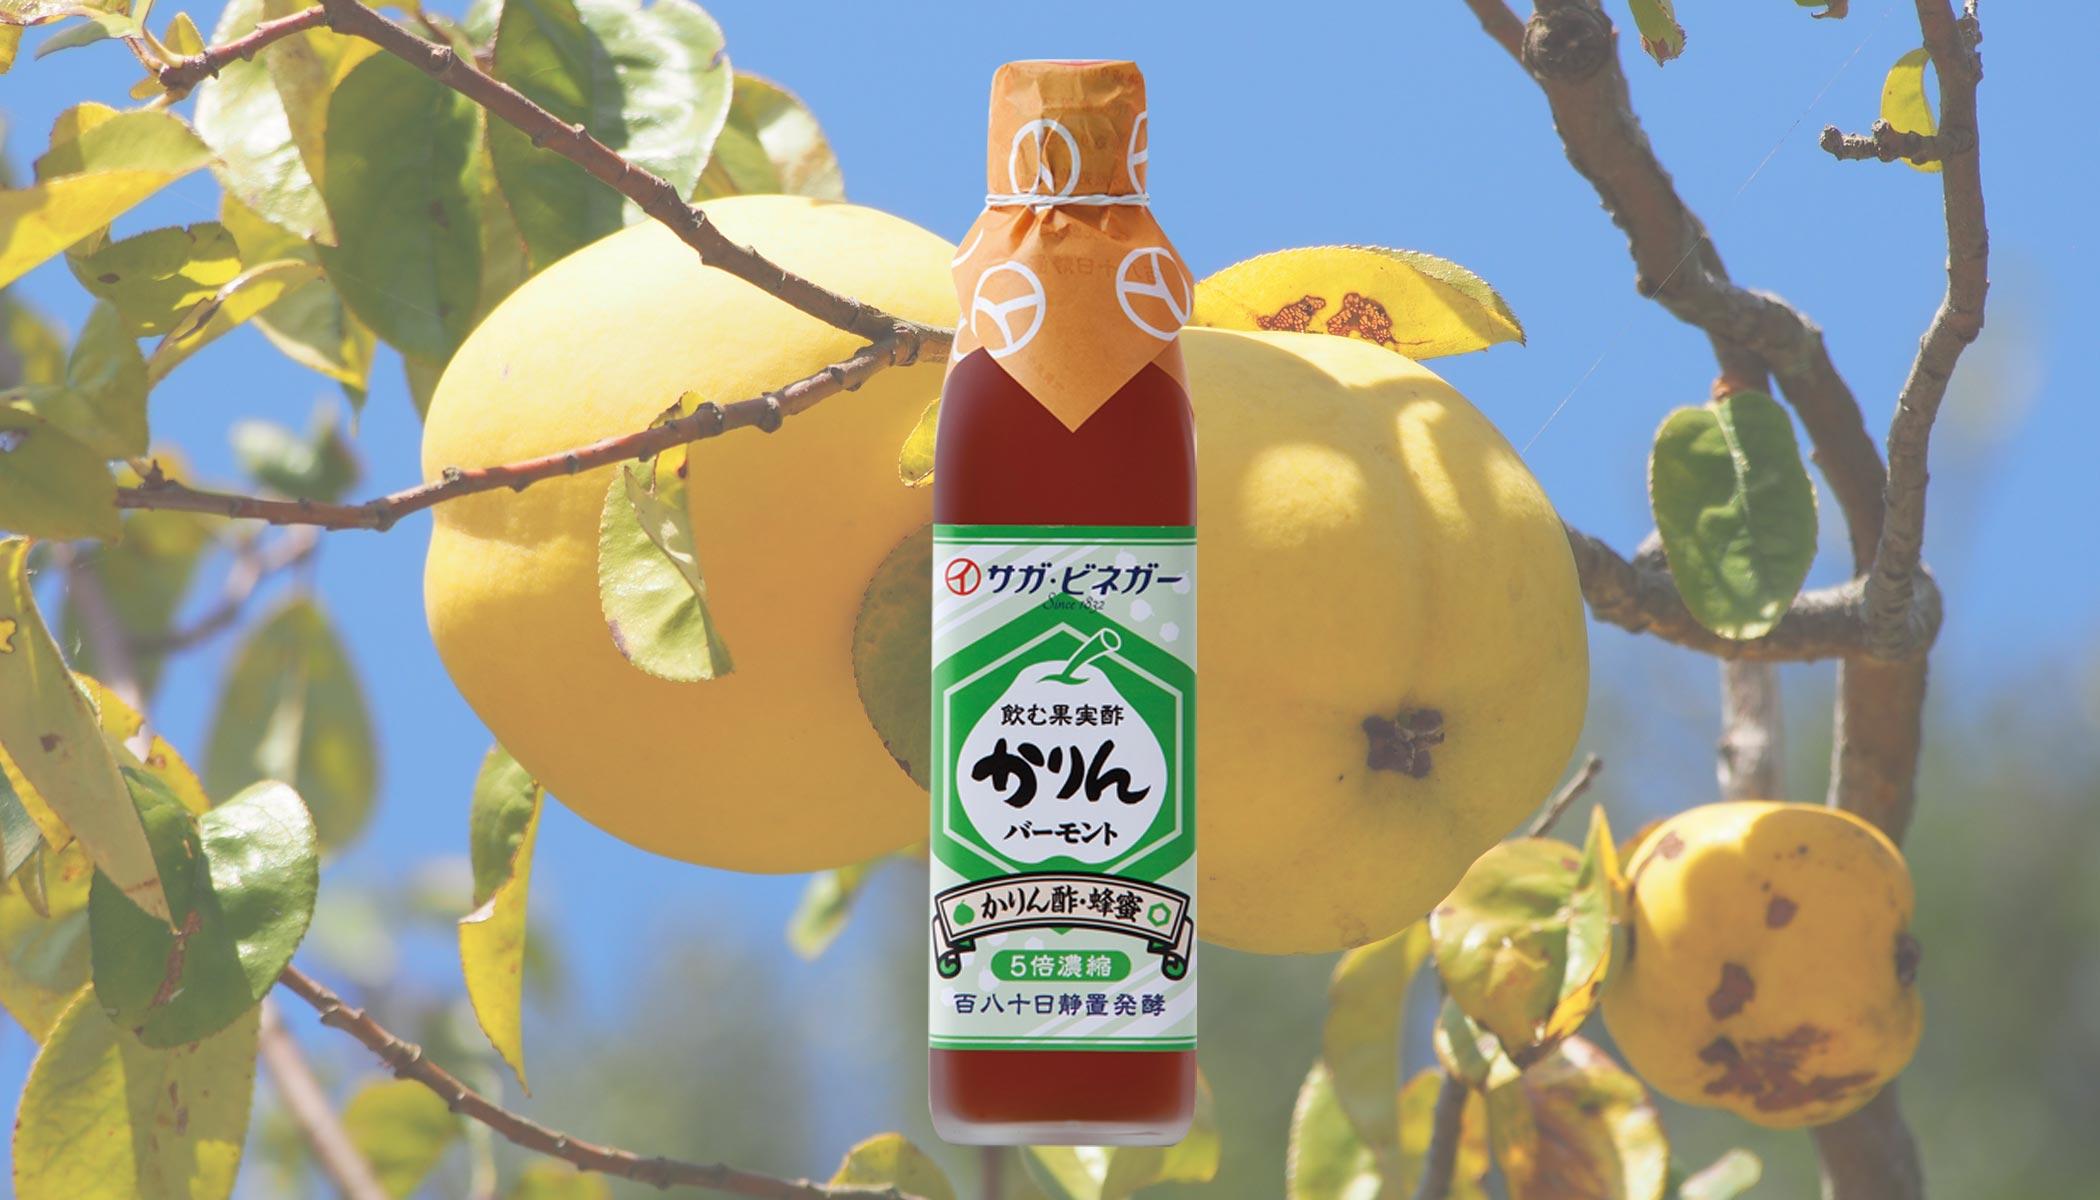 300ml飲む果実酢かりんバーモント